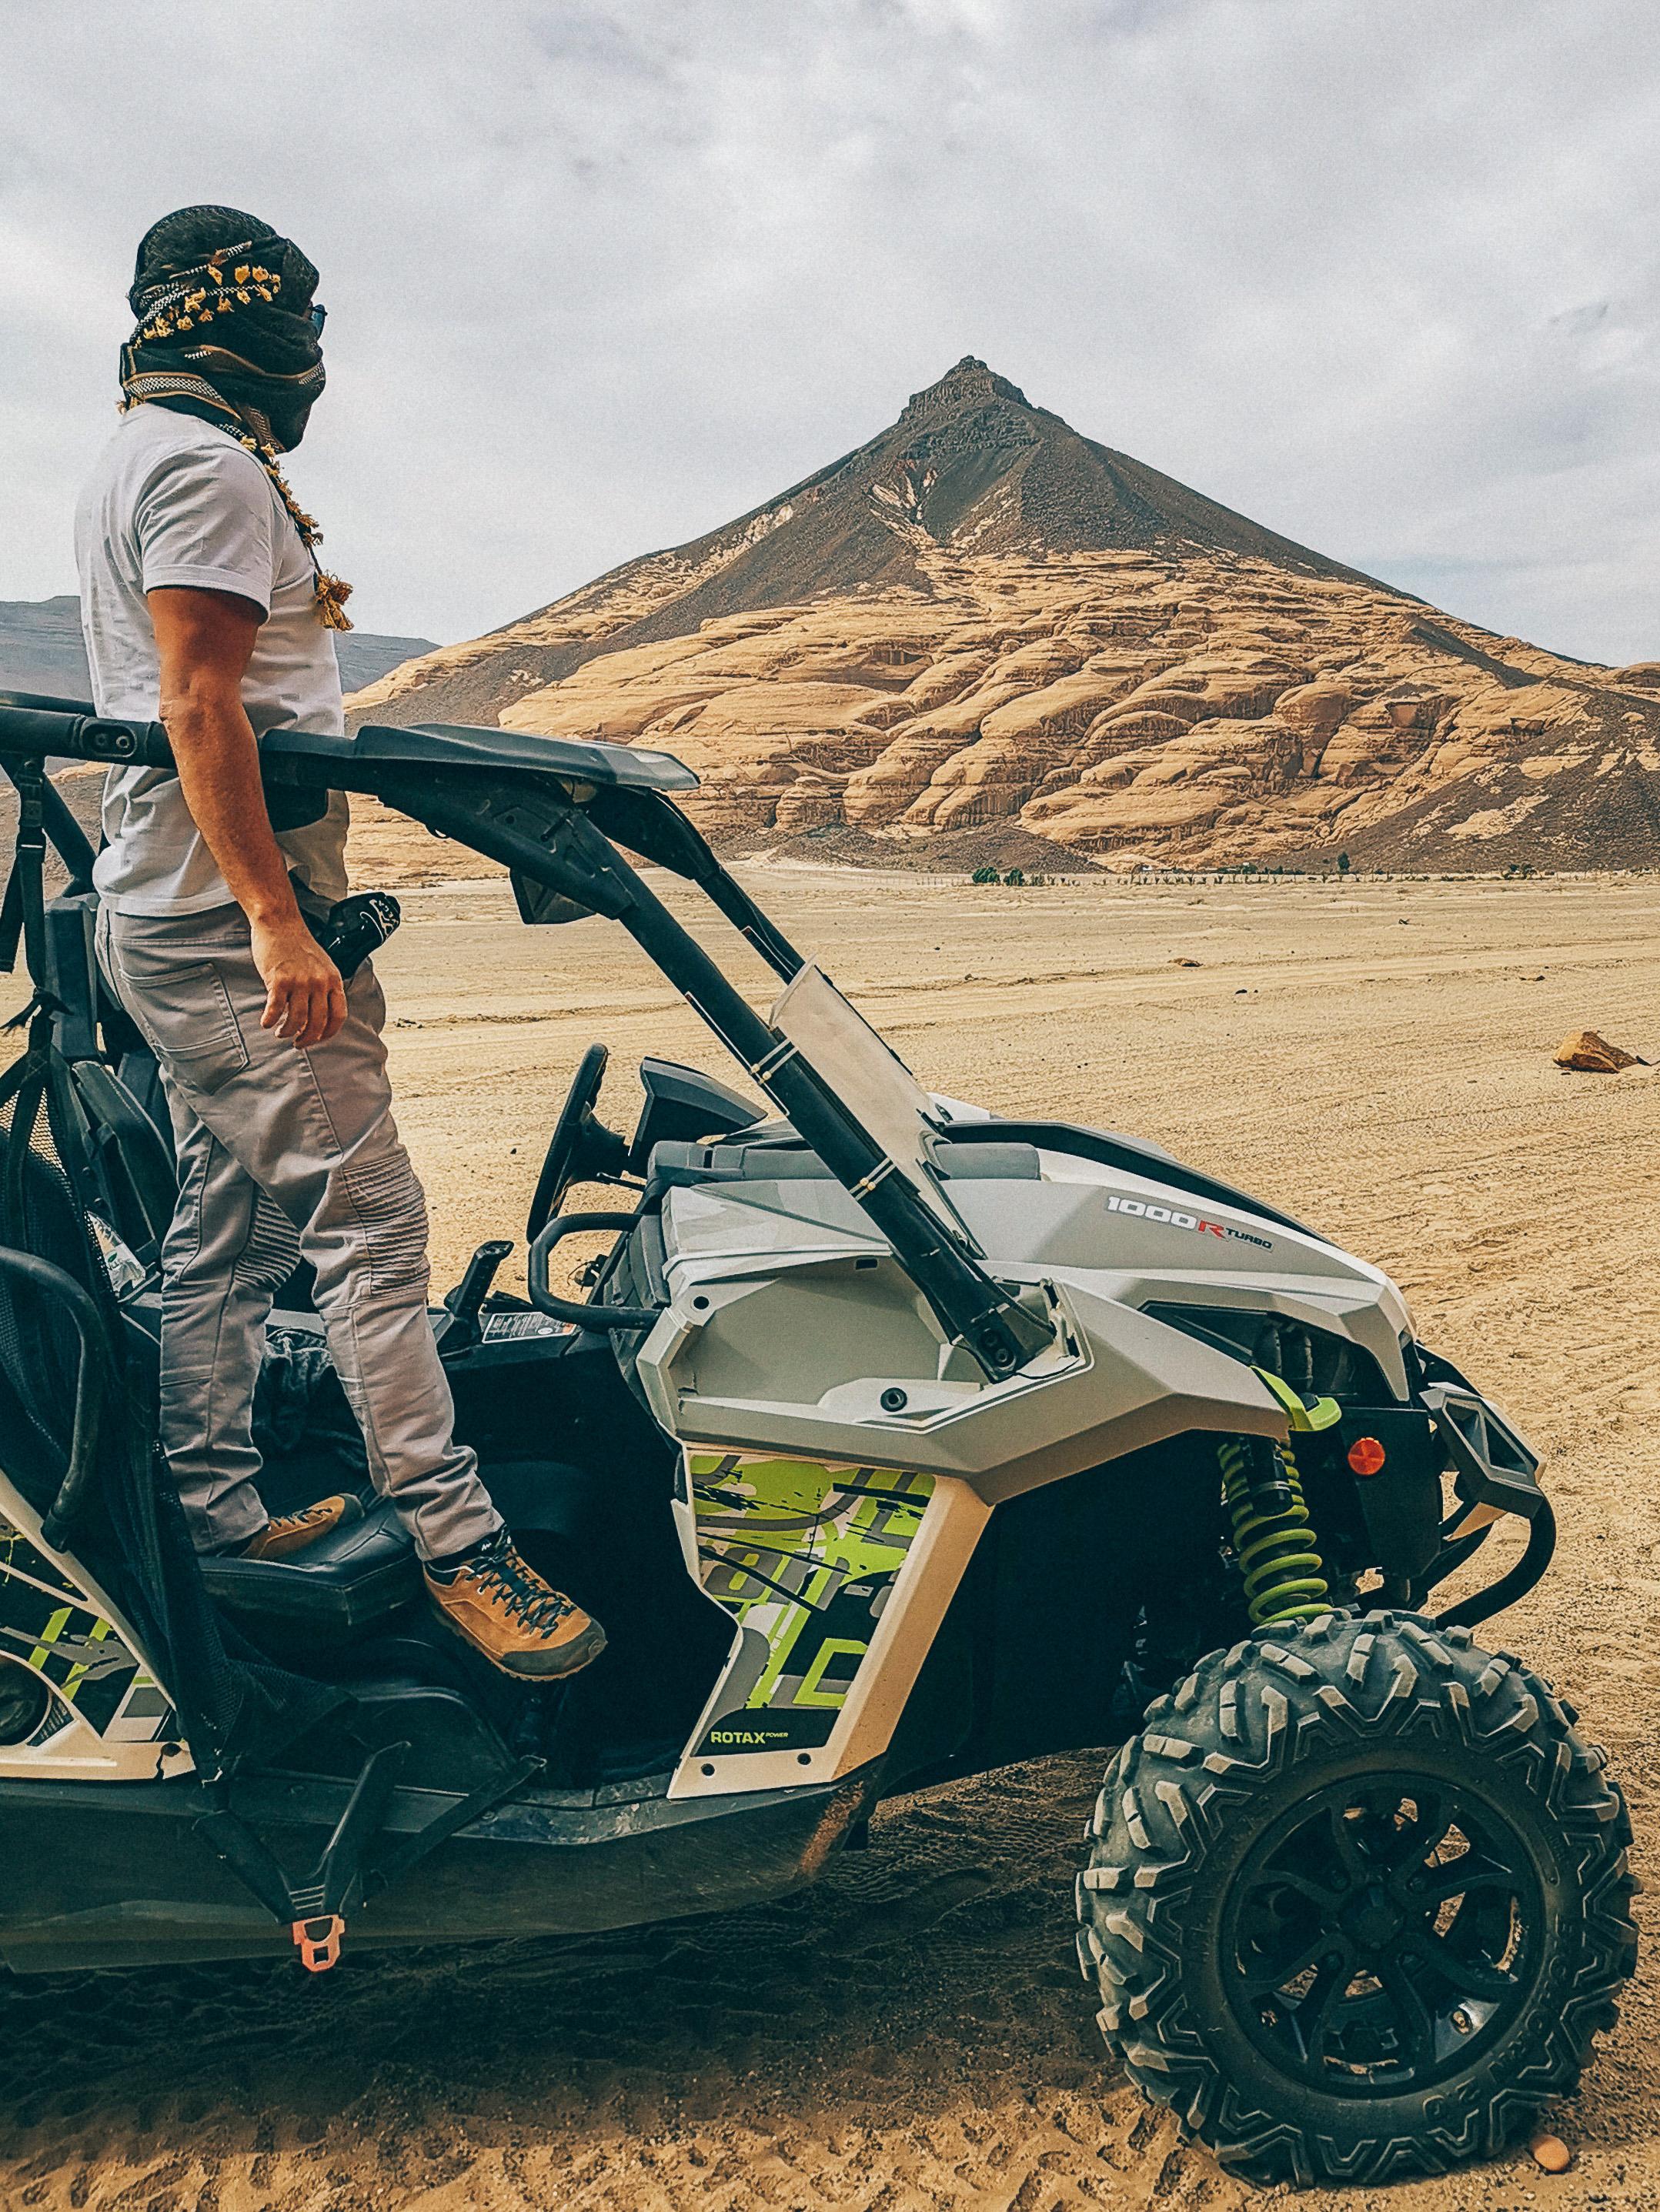 Saudi Arabia Kawa News - Marc Nouss Photography-3.jpg